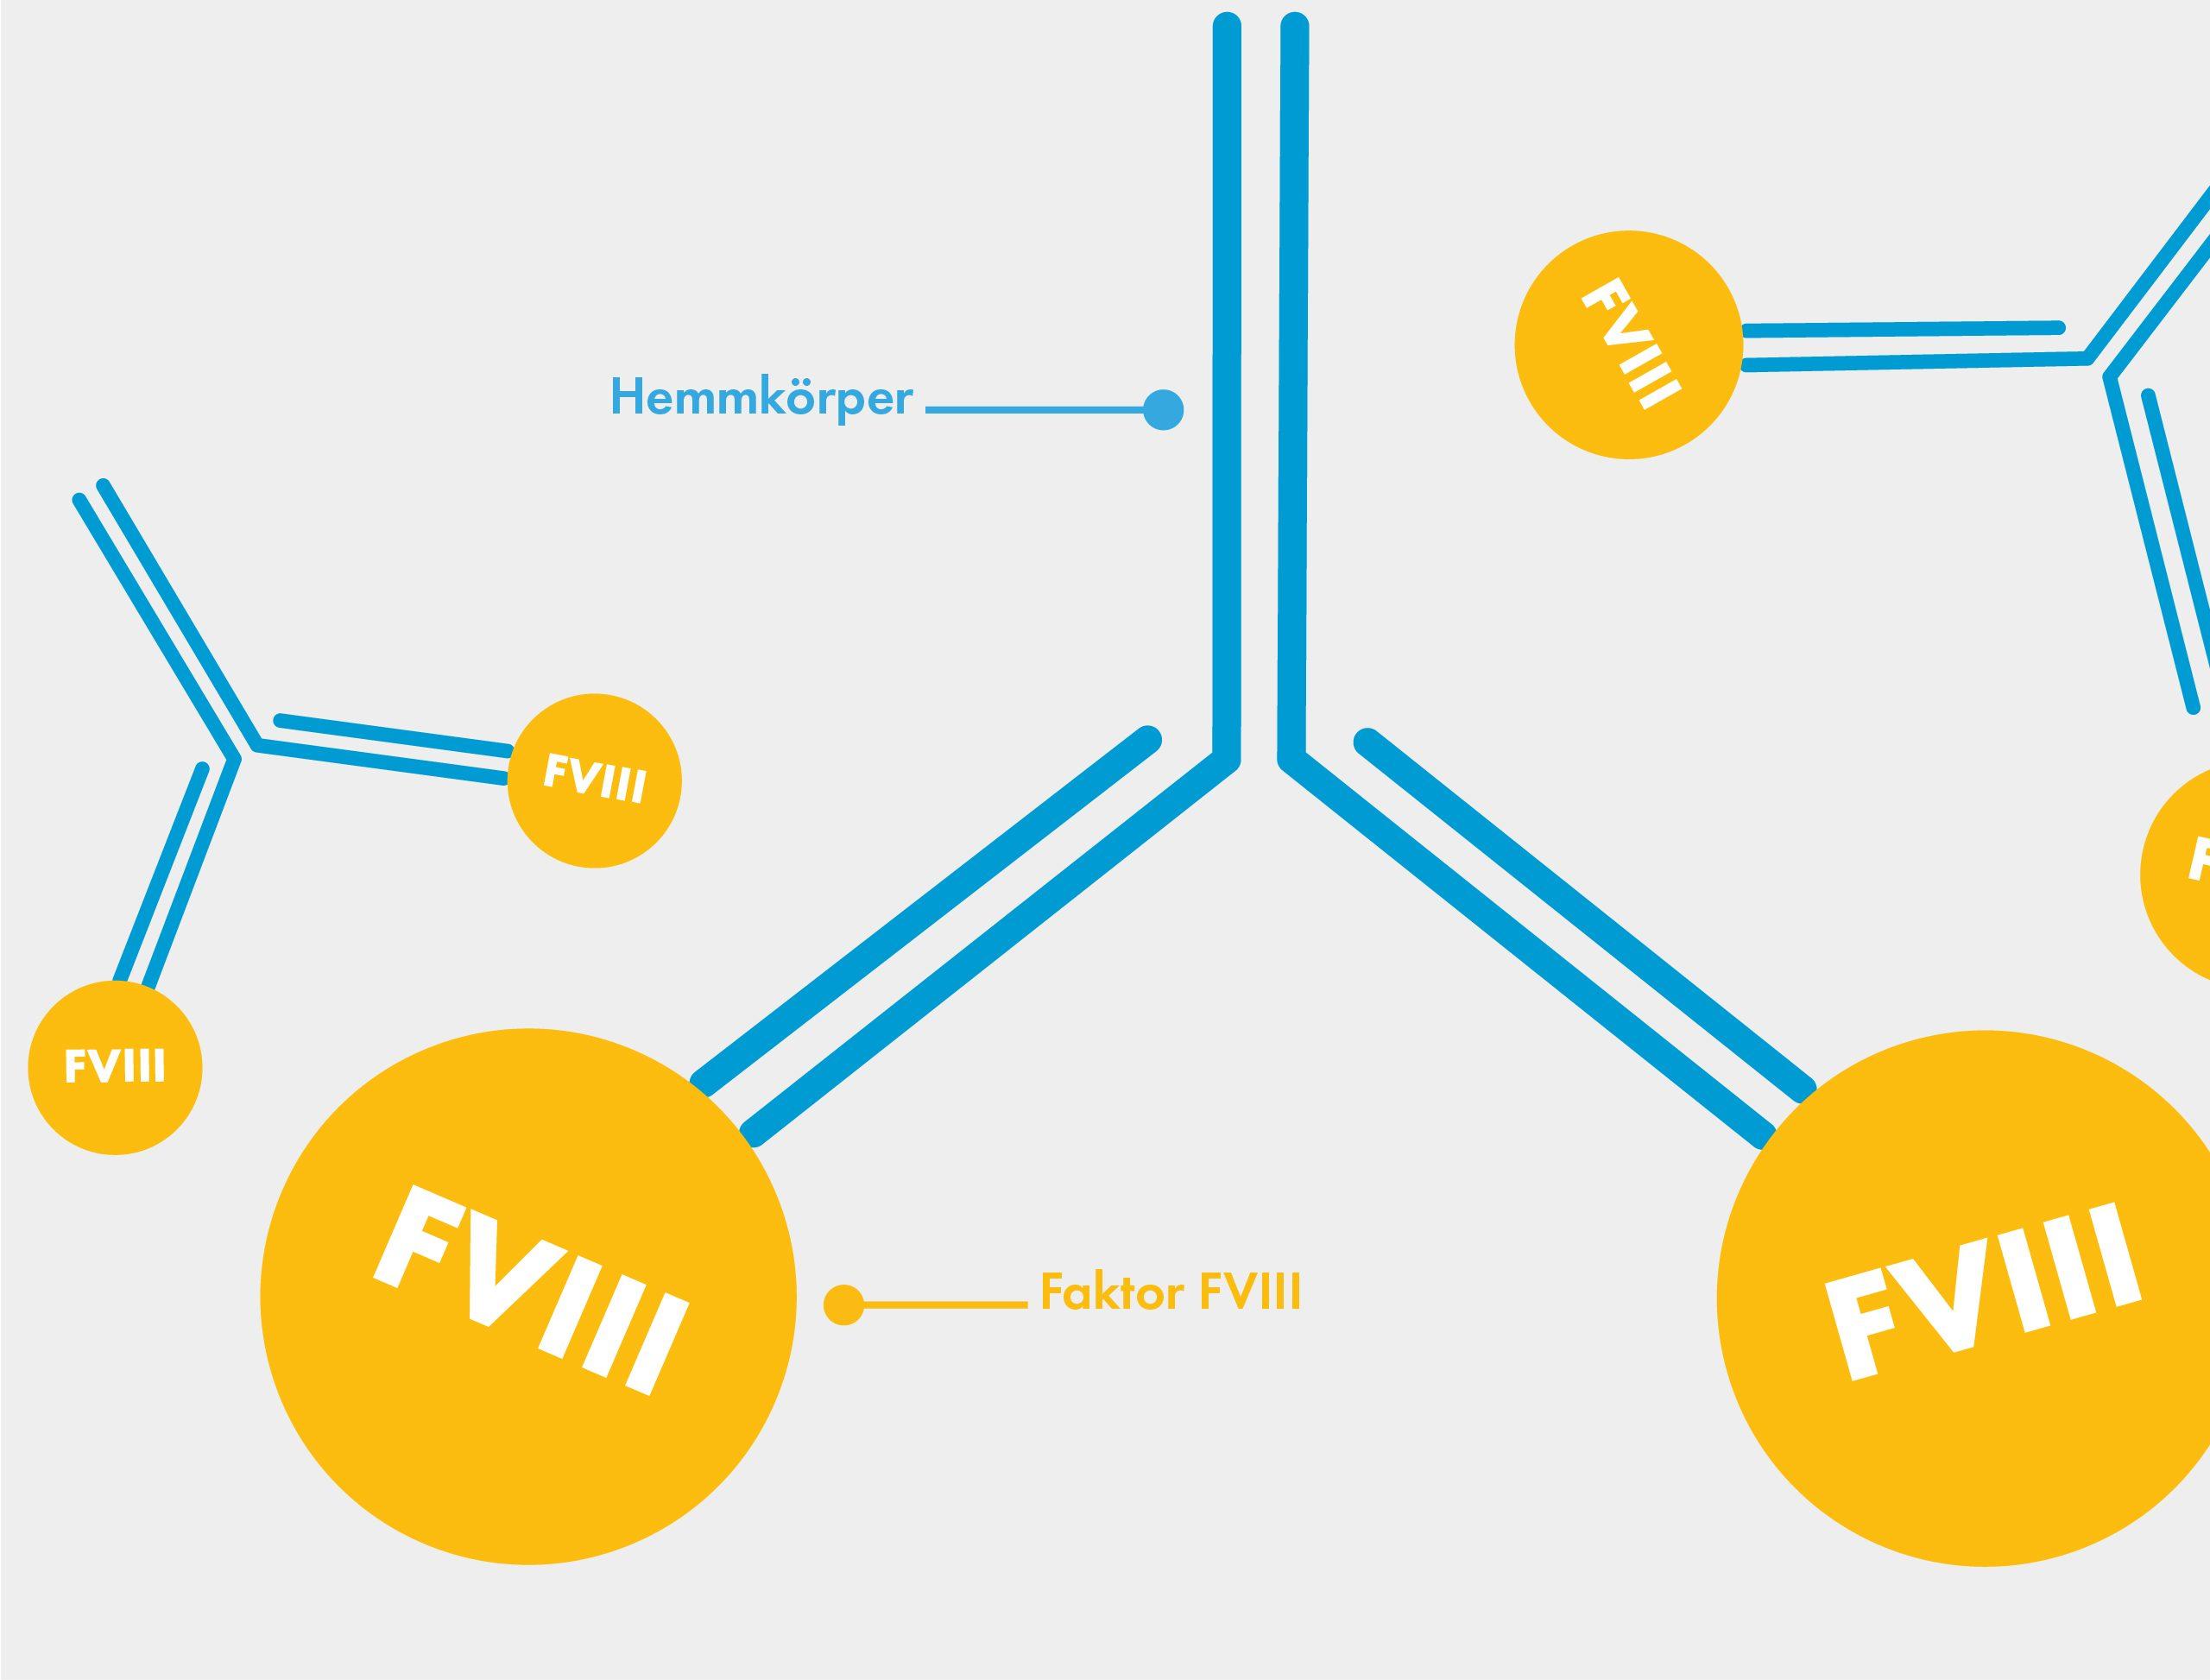 Hemmkörper bei Hämophilie A